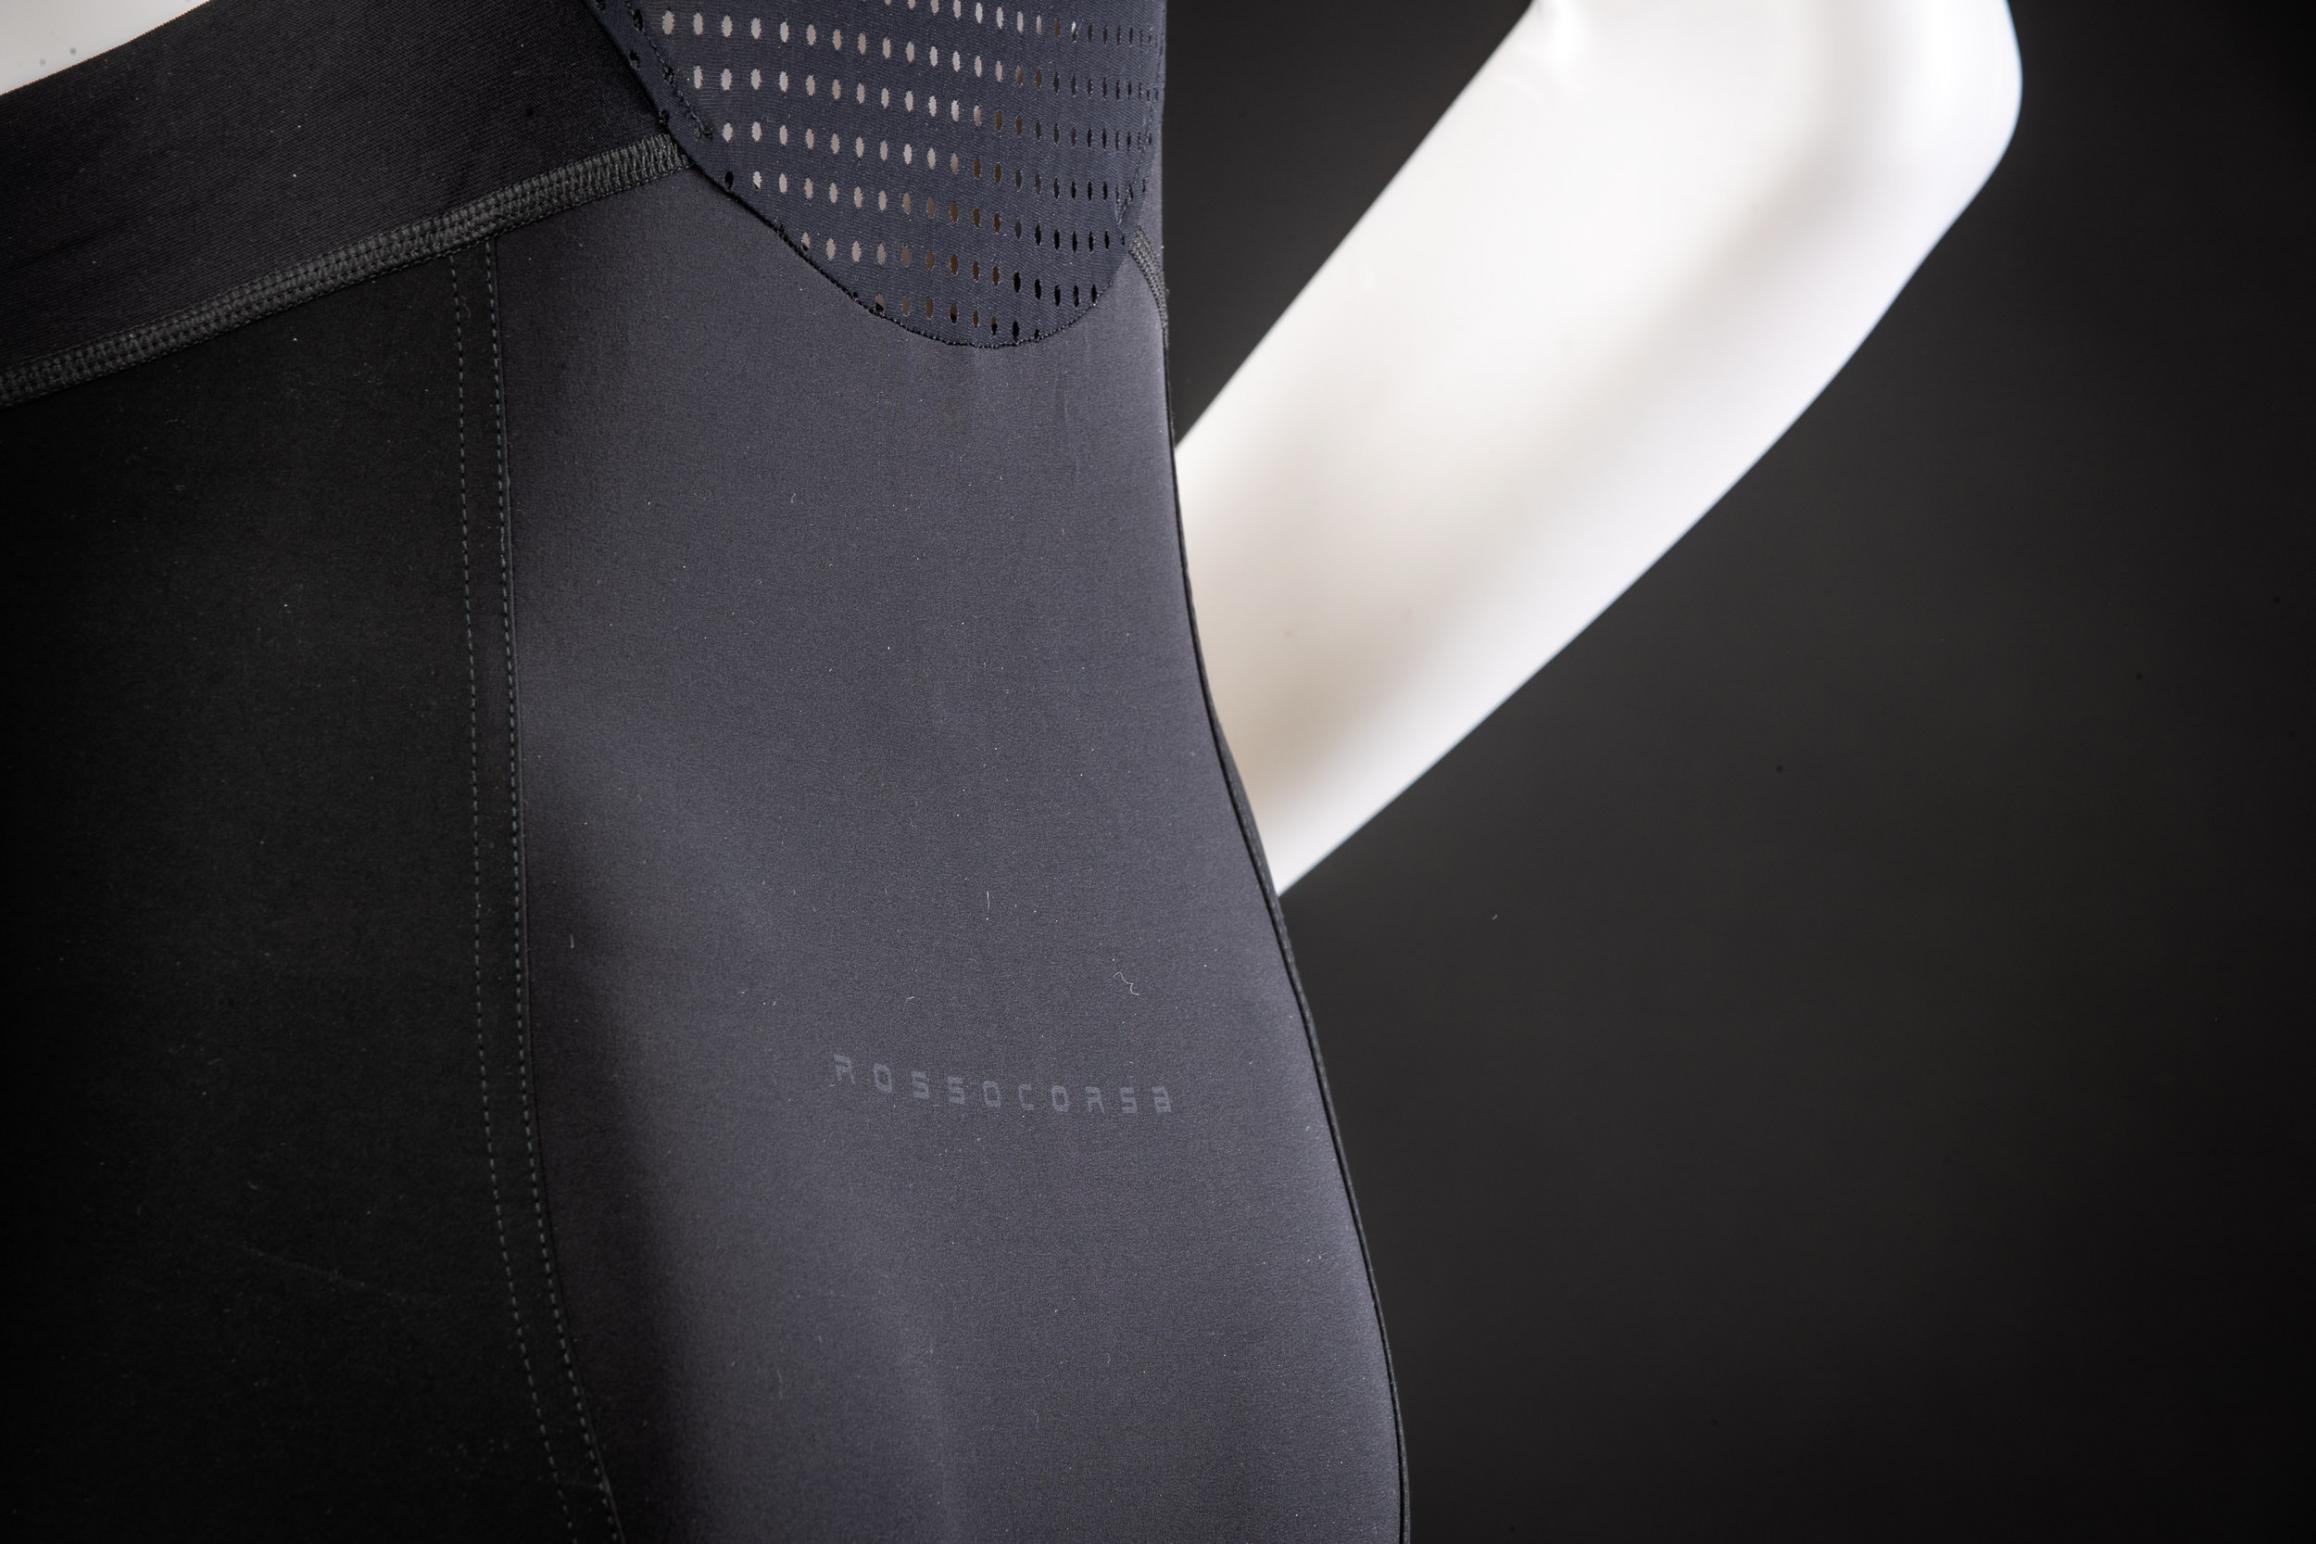 #5 Blickdichte Rückseite: Derart elastische Stoffe haben die Tendenz etwas transparent zu werden, wenn sie auf ihre maximale Länge gedehnt werden. Um die Augen des Hintermanns zu schonen, wurde der hintere Teil der Hose mit einer extrem leichten Futterlage blickdicht gemacht.